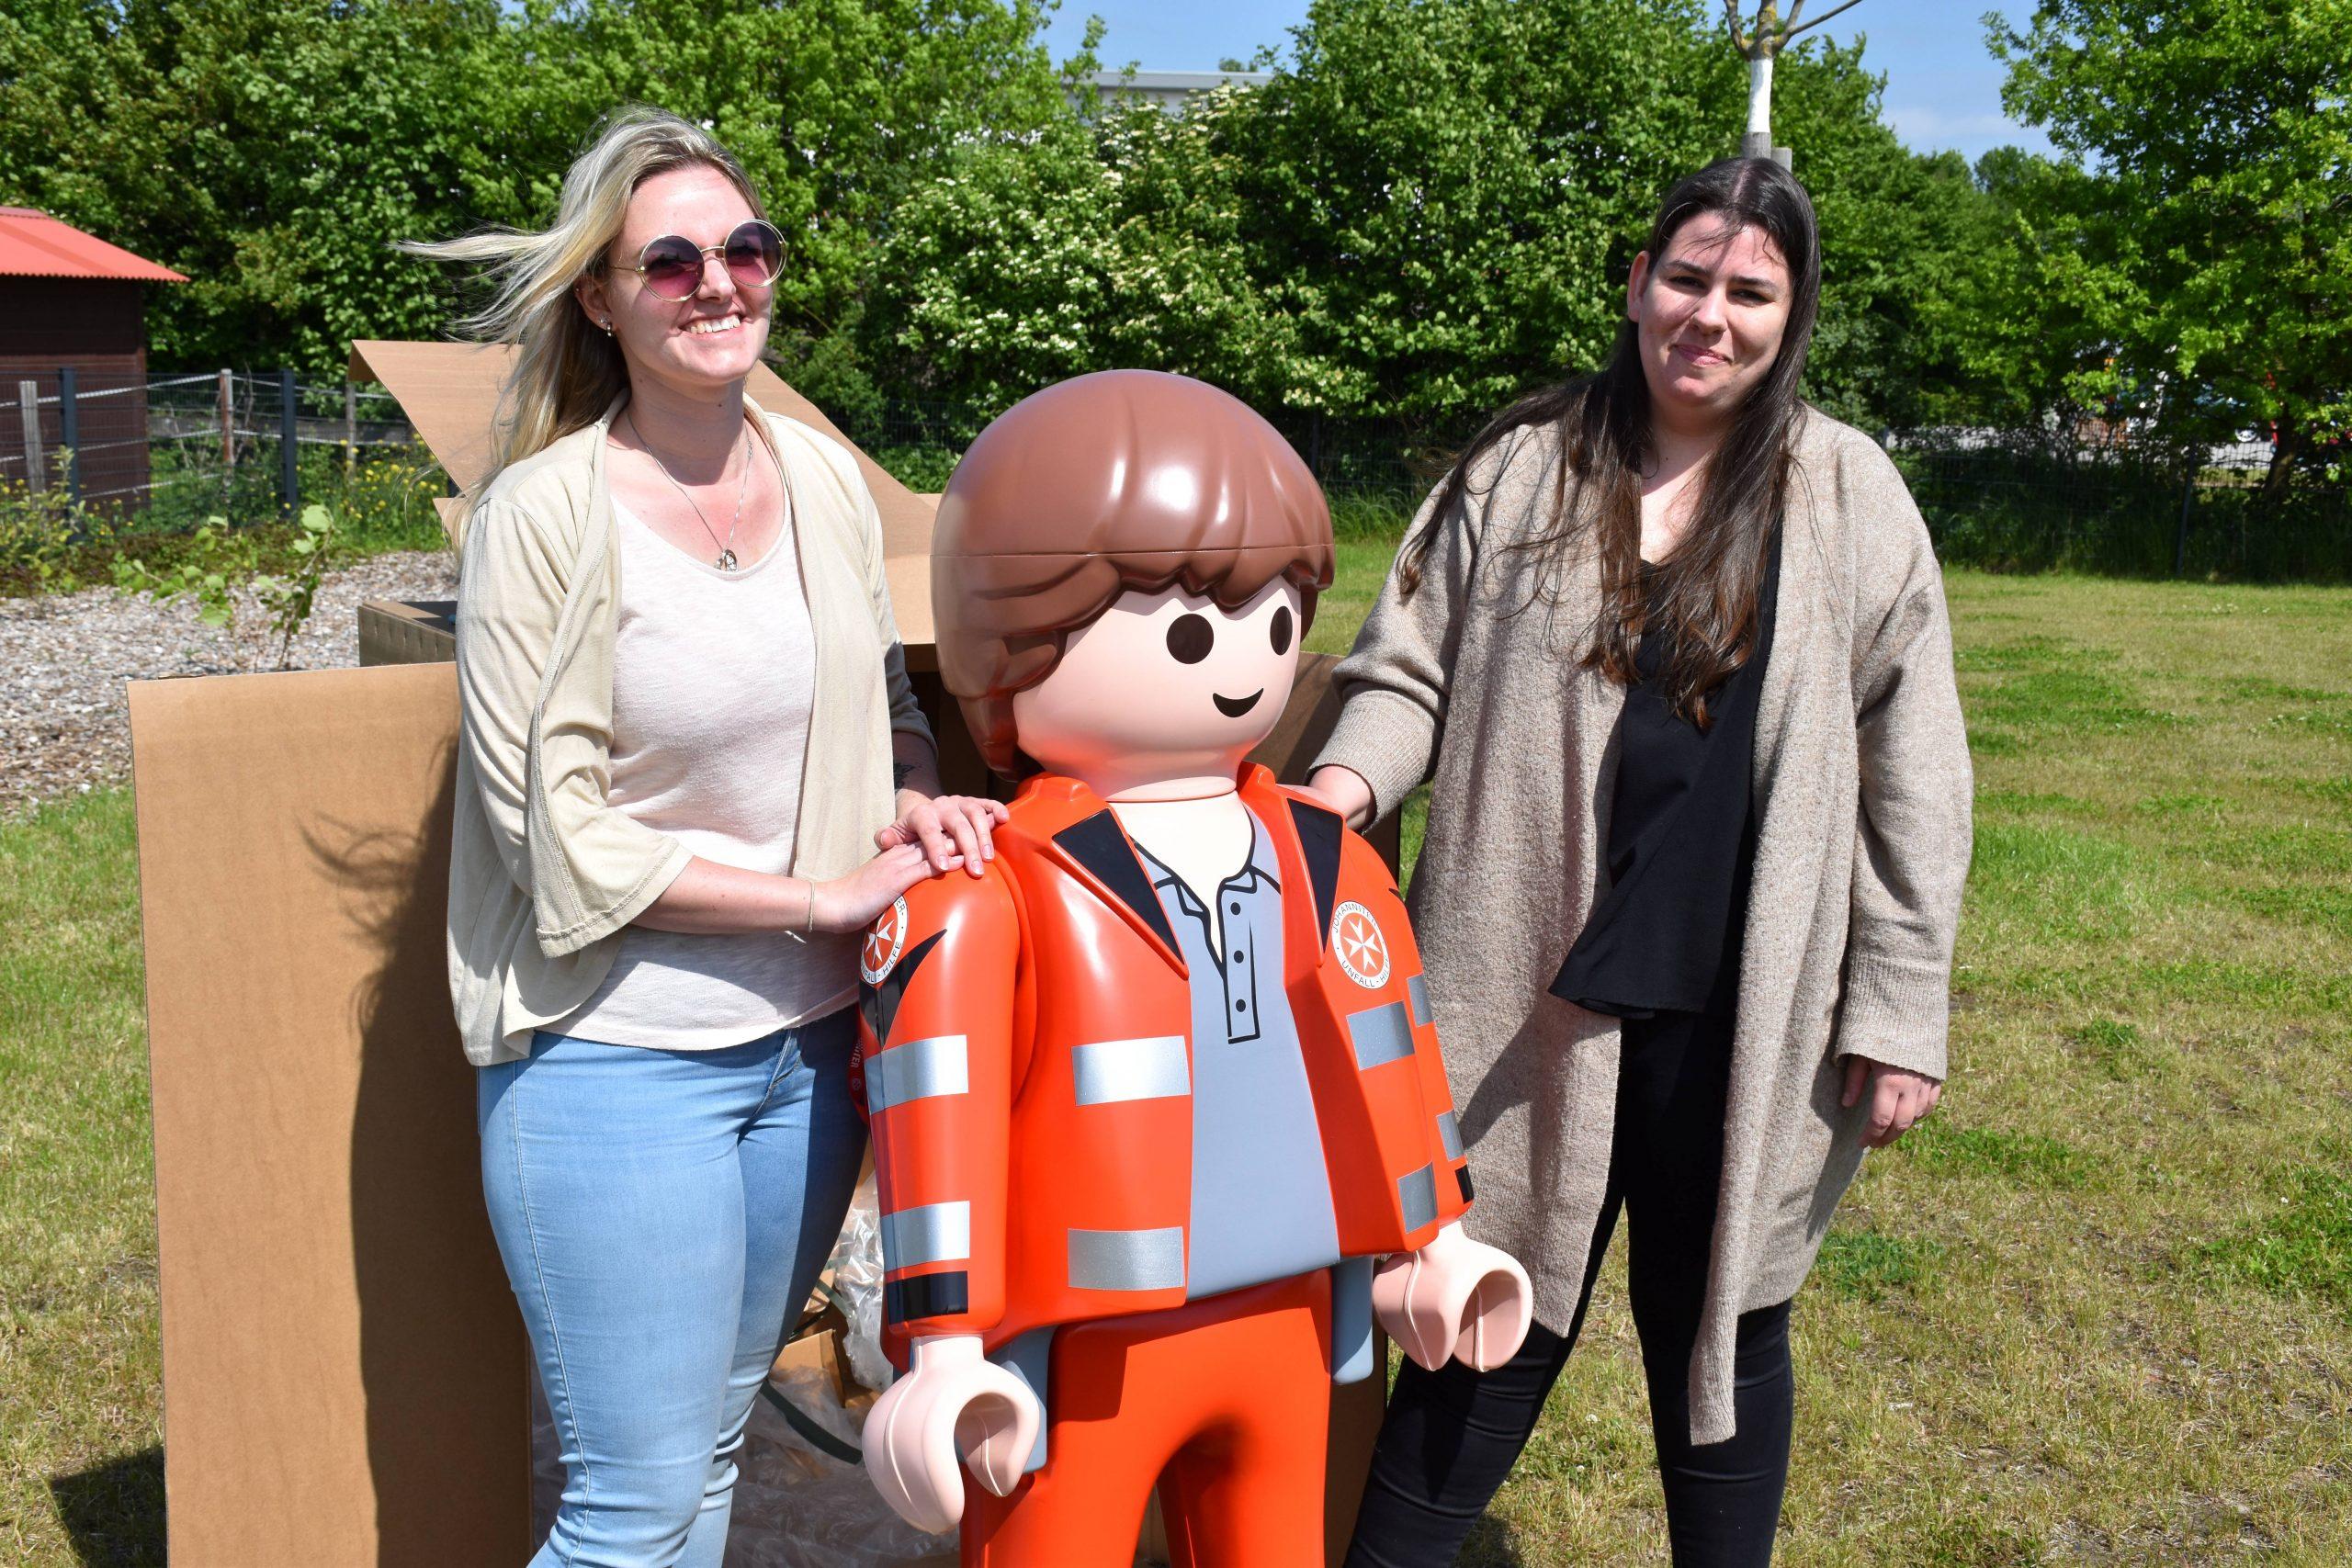 Johanniter -Vanessa Frerichs (l.) und Stephanie Bröker packten die Playmobil-Figur im Garten der Krümelkiste aus